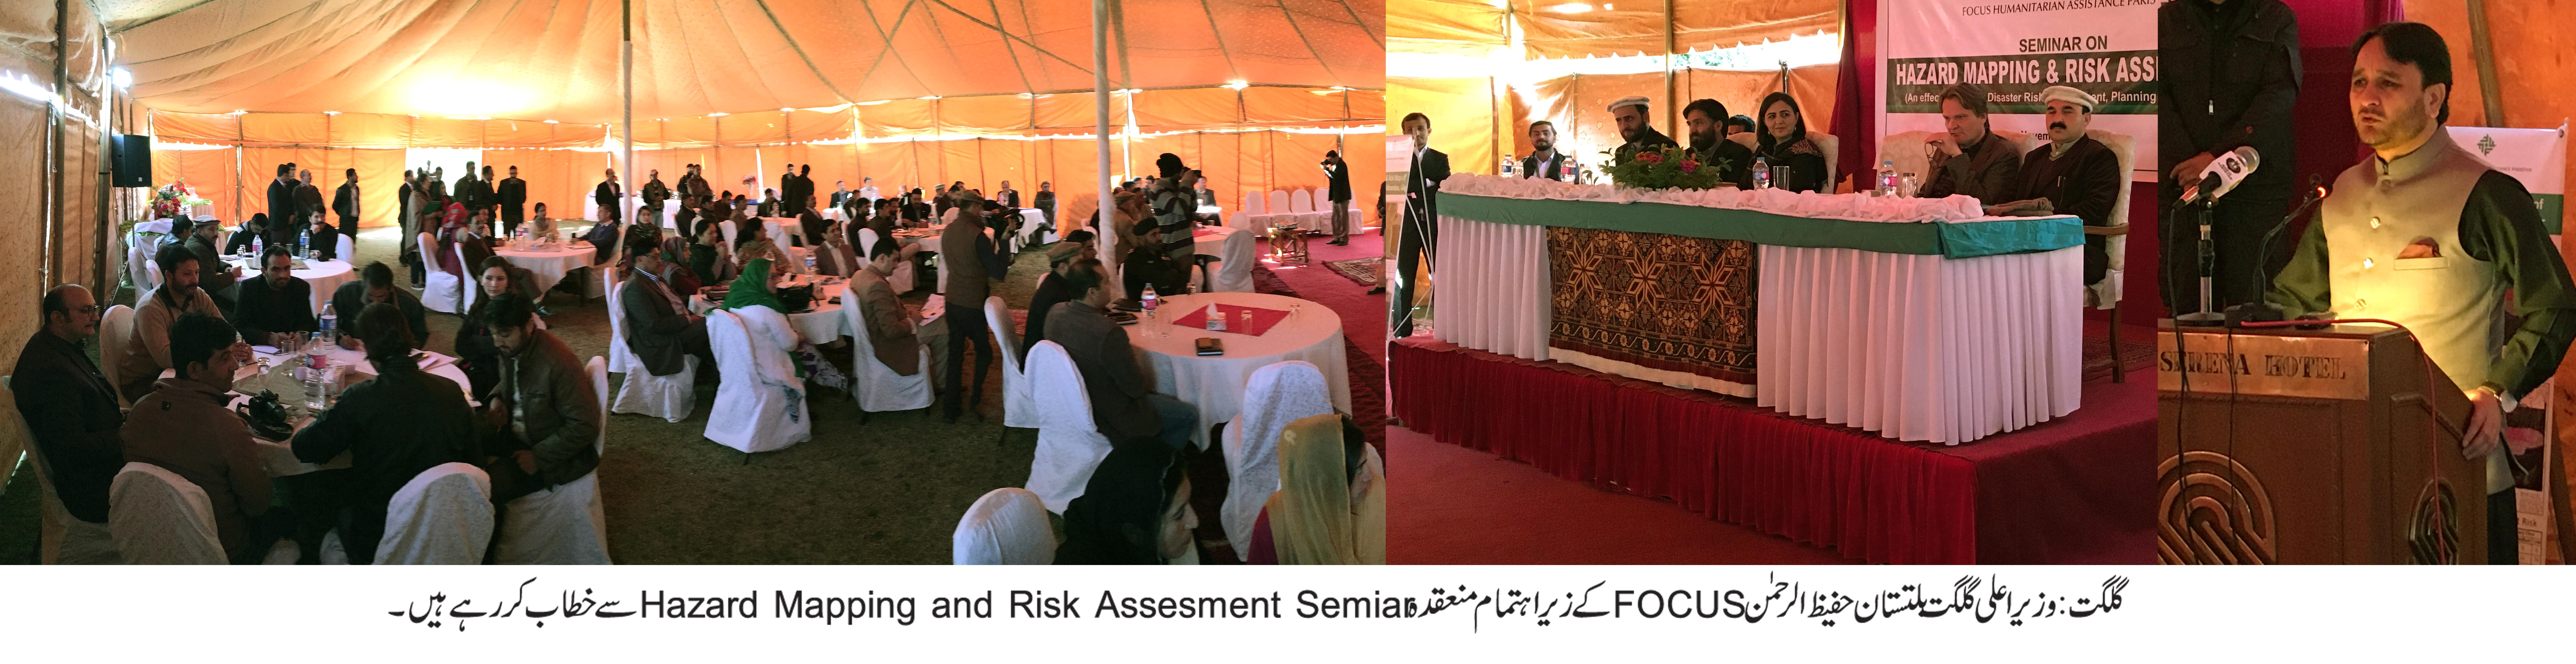 گلگت بلتستان کے 290 دیہات میں پچاس فیصد گھرانے مختلف آفات کی زد پر ہیں، فوکس پاکستان نے رپورٹ جاری کردی